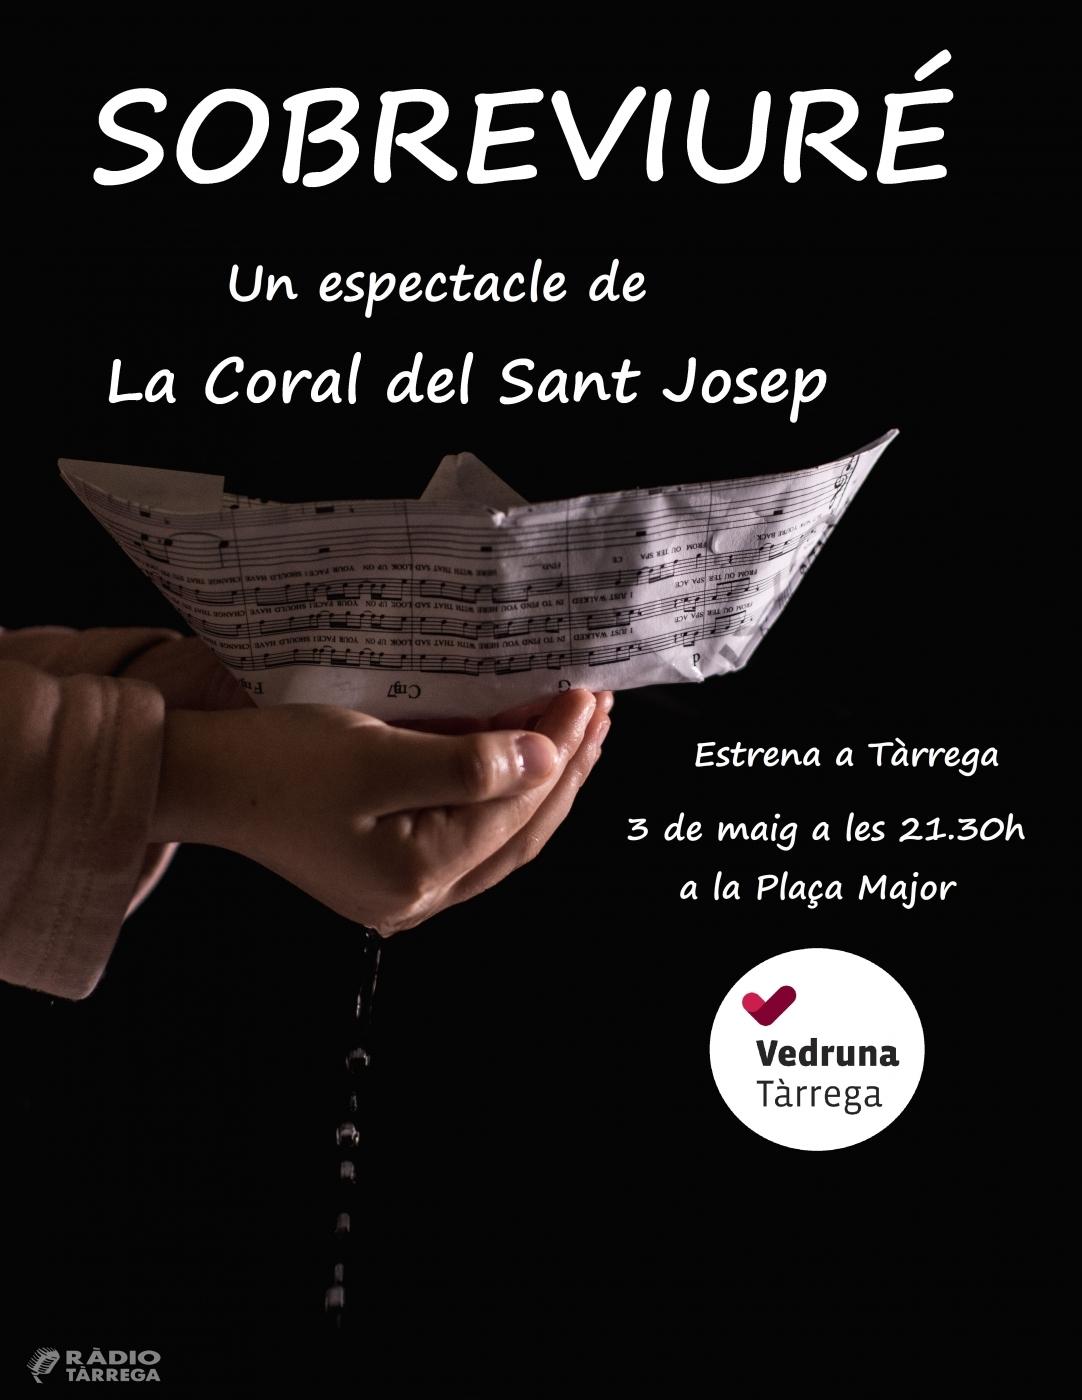 Les corals de l'escola Sant Josep de Tàrrega estrenaran l'espectacle Sobreviuré amb 180 cantants damunt l'escenari